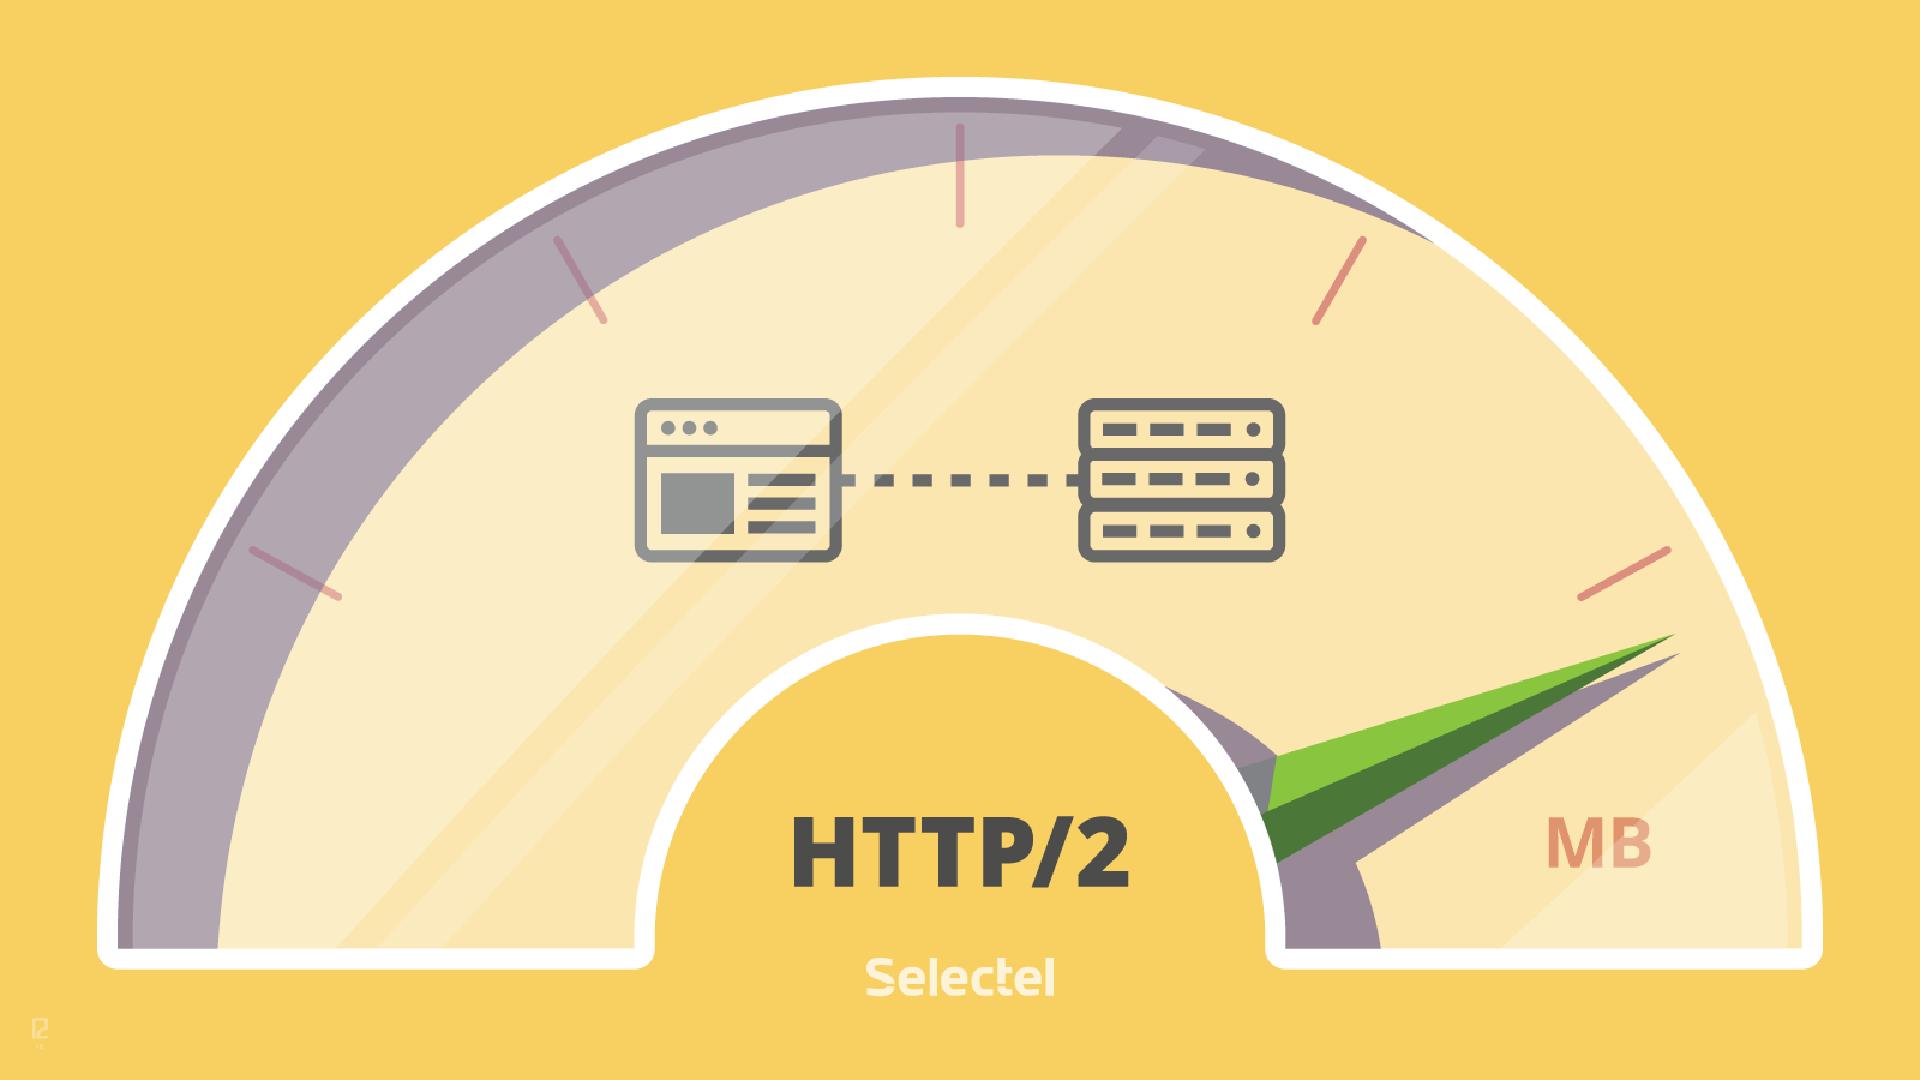 解开 HTTP/2 的面纱:HTTP/2 是如何建立连接的